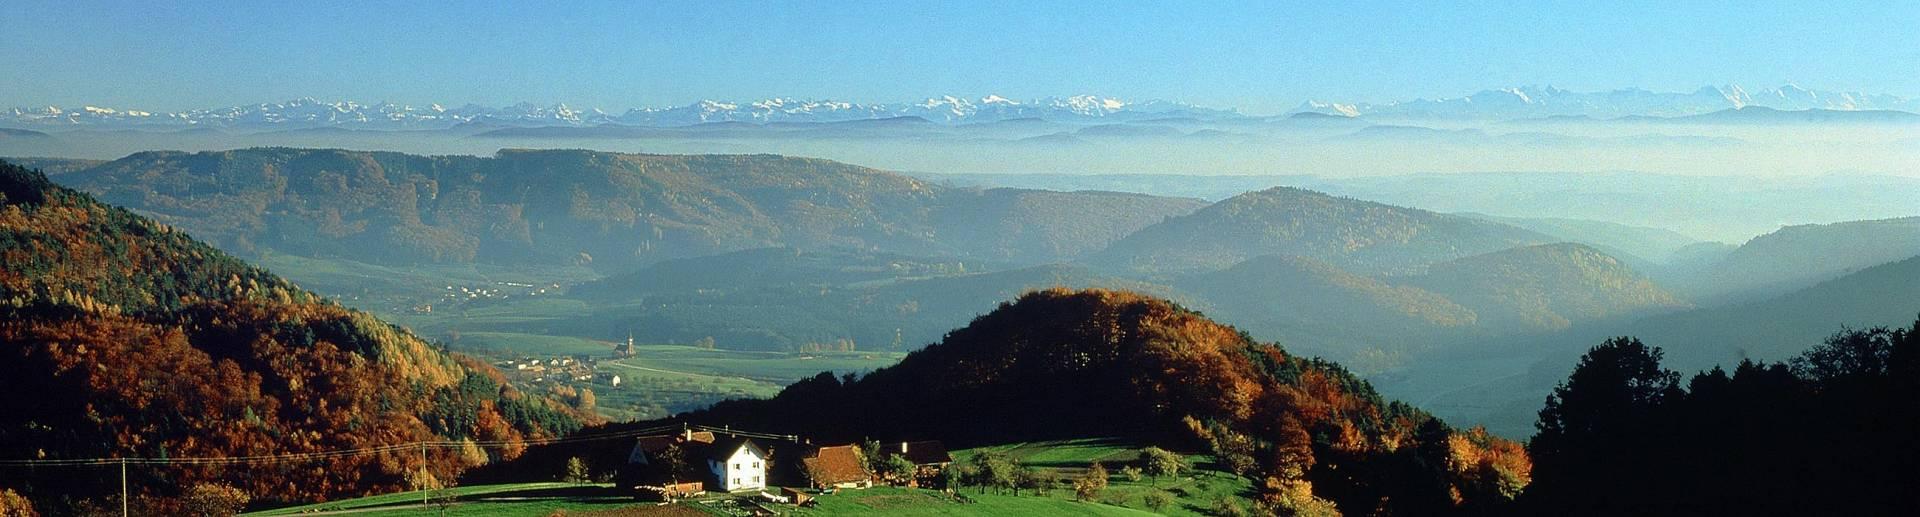 Die kleine Gemeinde Steinen liegt idyllisch in Südbaden, im Landkreis Lörrach.